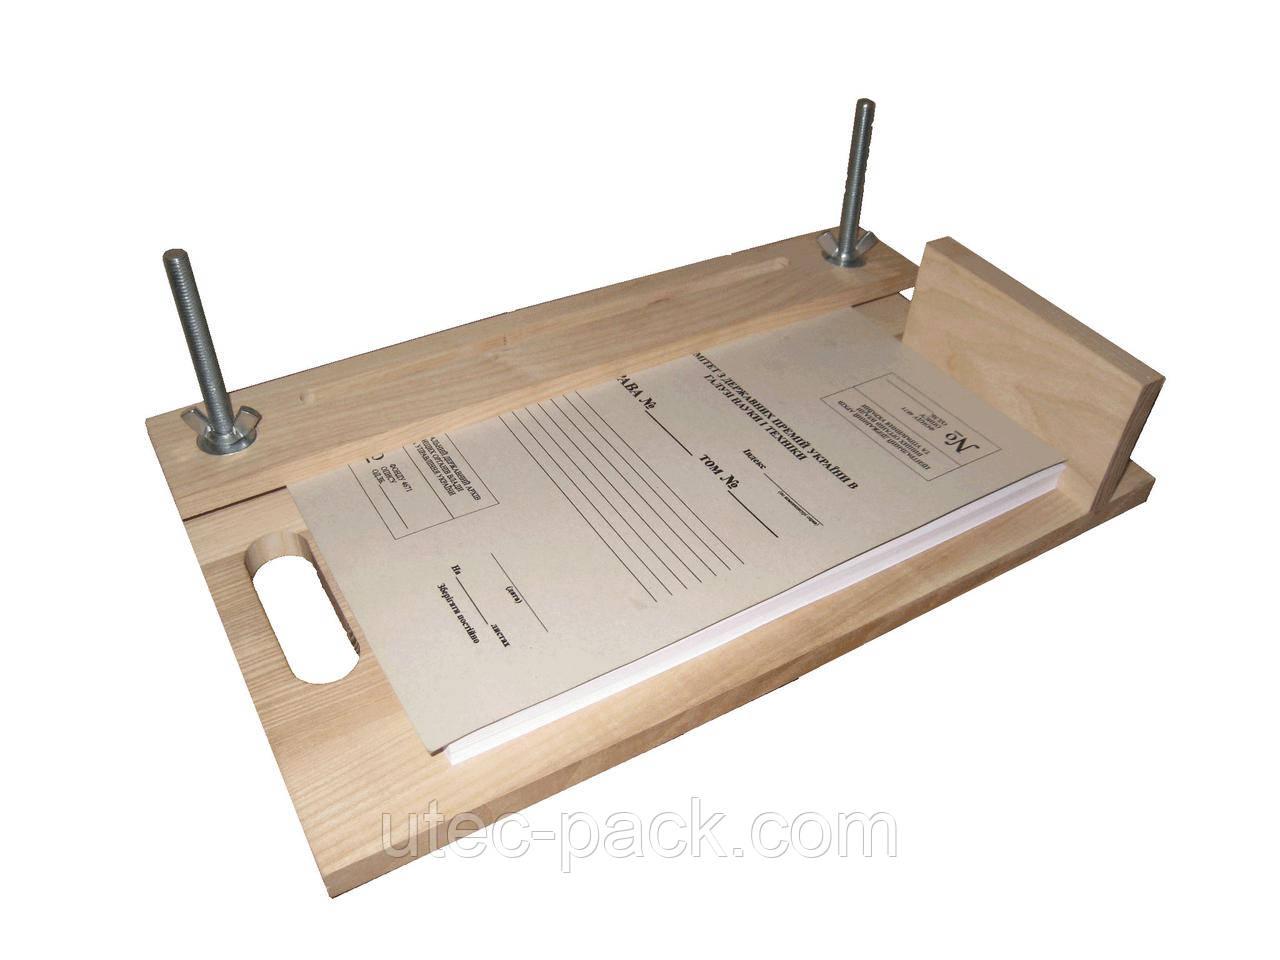 Офісний брошурувально-палітурний верстат ЦОД НТІ 400 х 230 х 120 мм світло-коричневий СП - 80 -5 шт